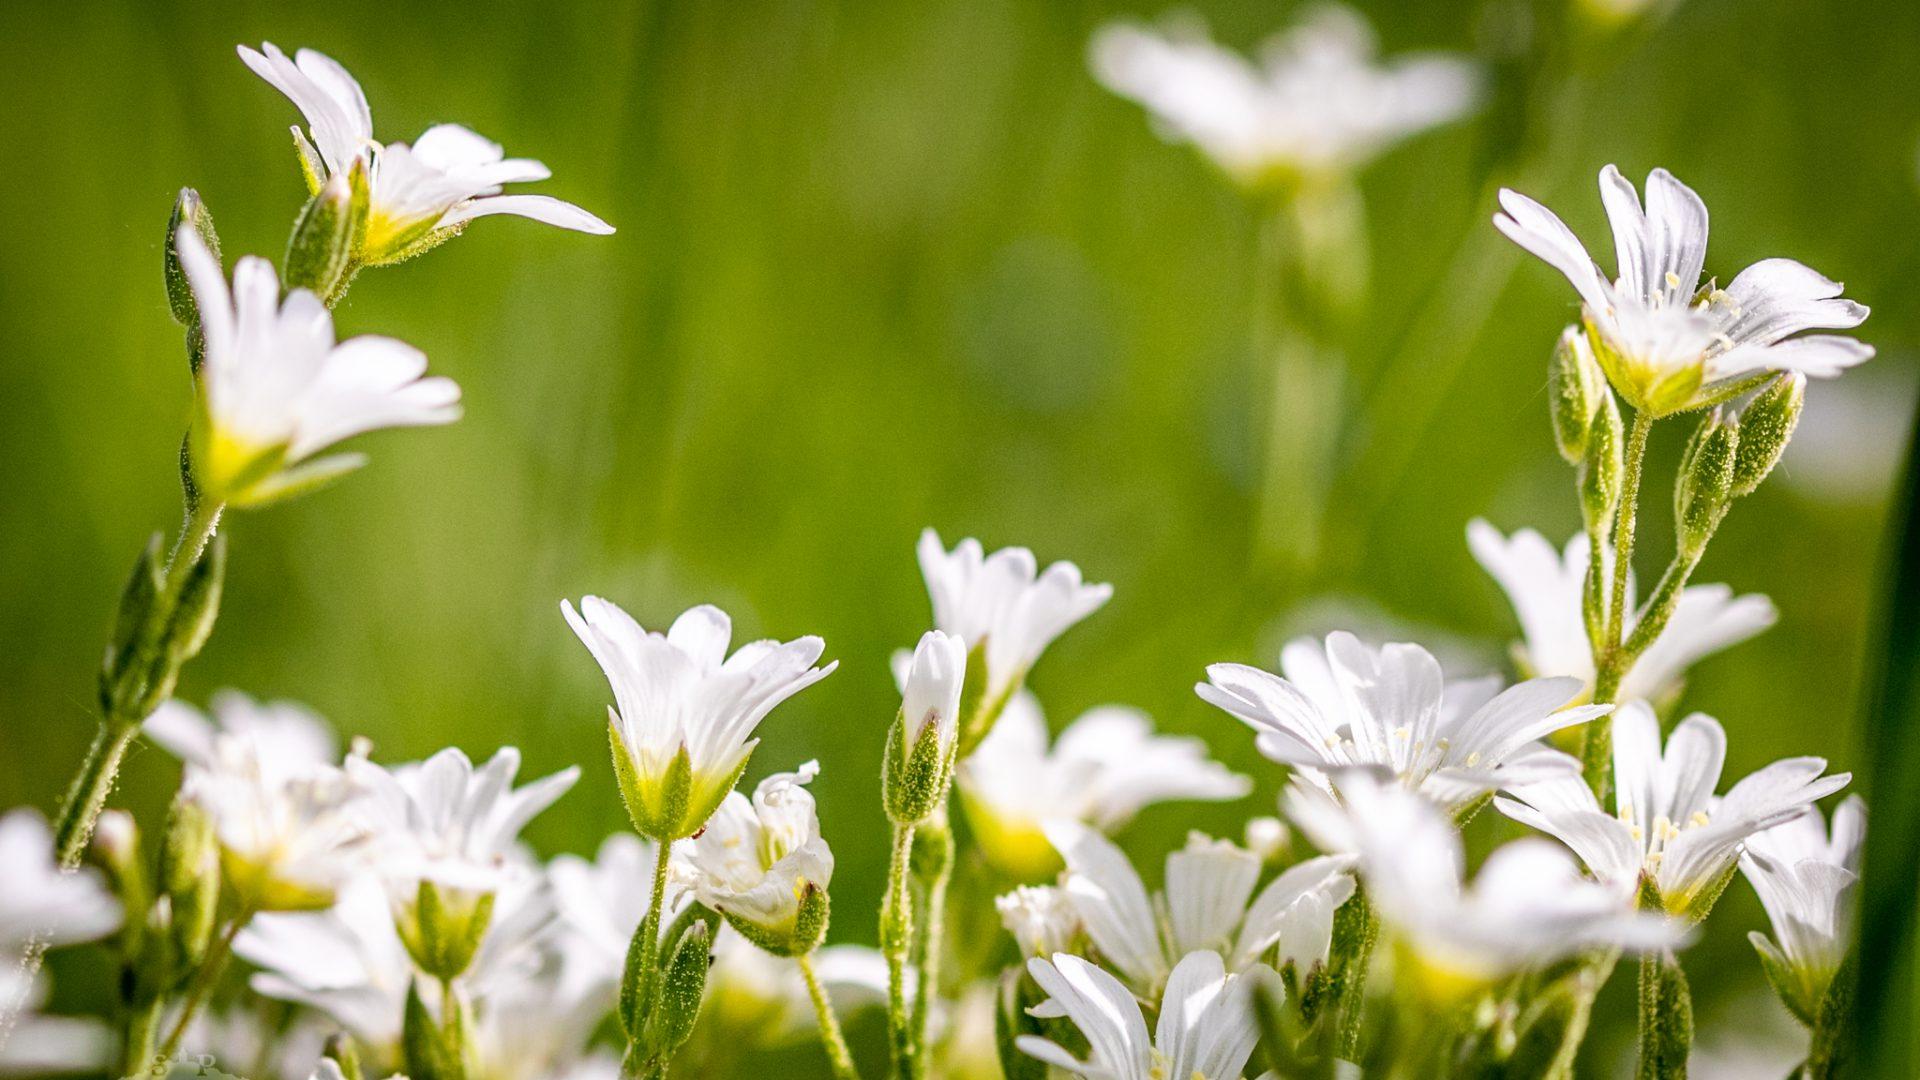 Blumen im Sonnenlicht.